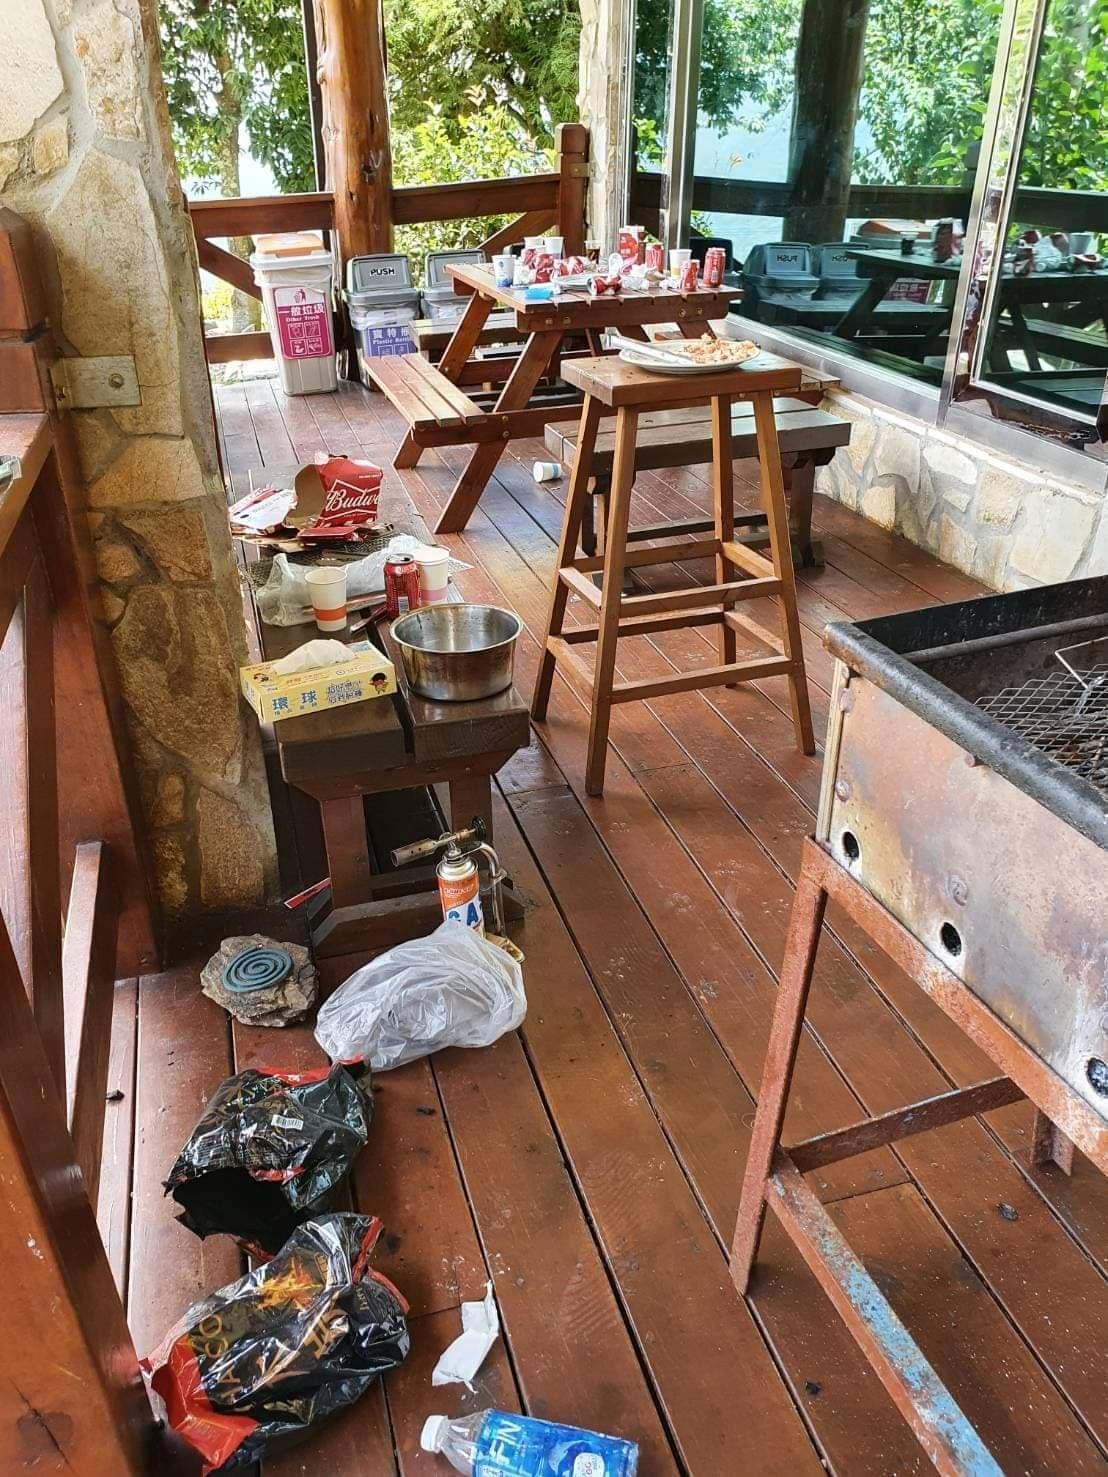 奧客「亂噴滅火器、破壞傢俱」人間蒸發 業者心累:台灣人素質